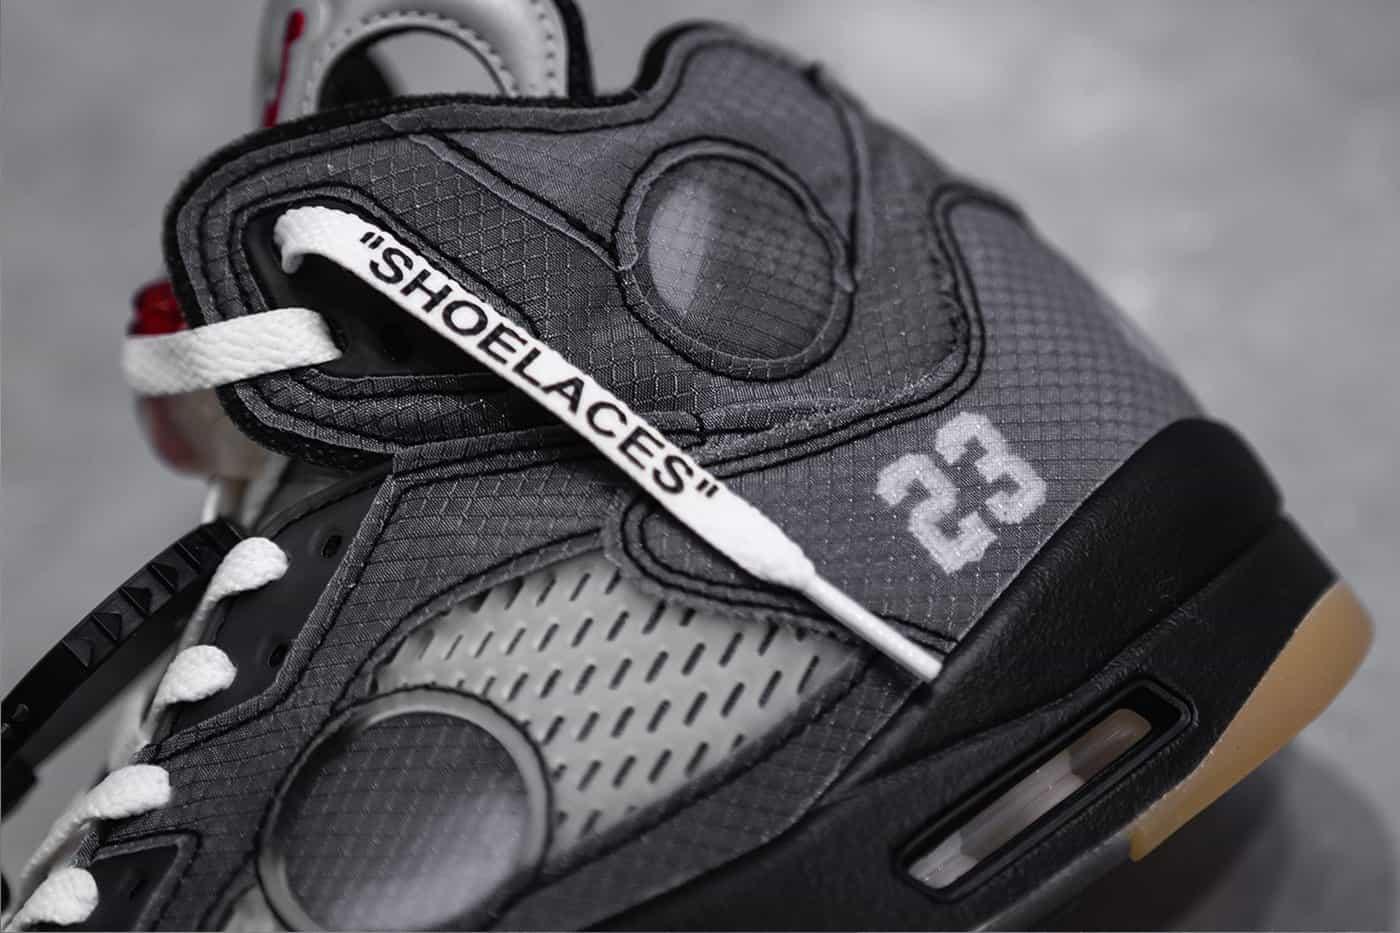 Off White x Air Jordan 5 3